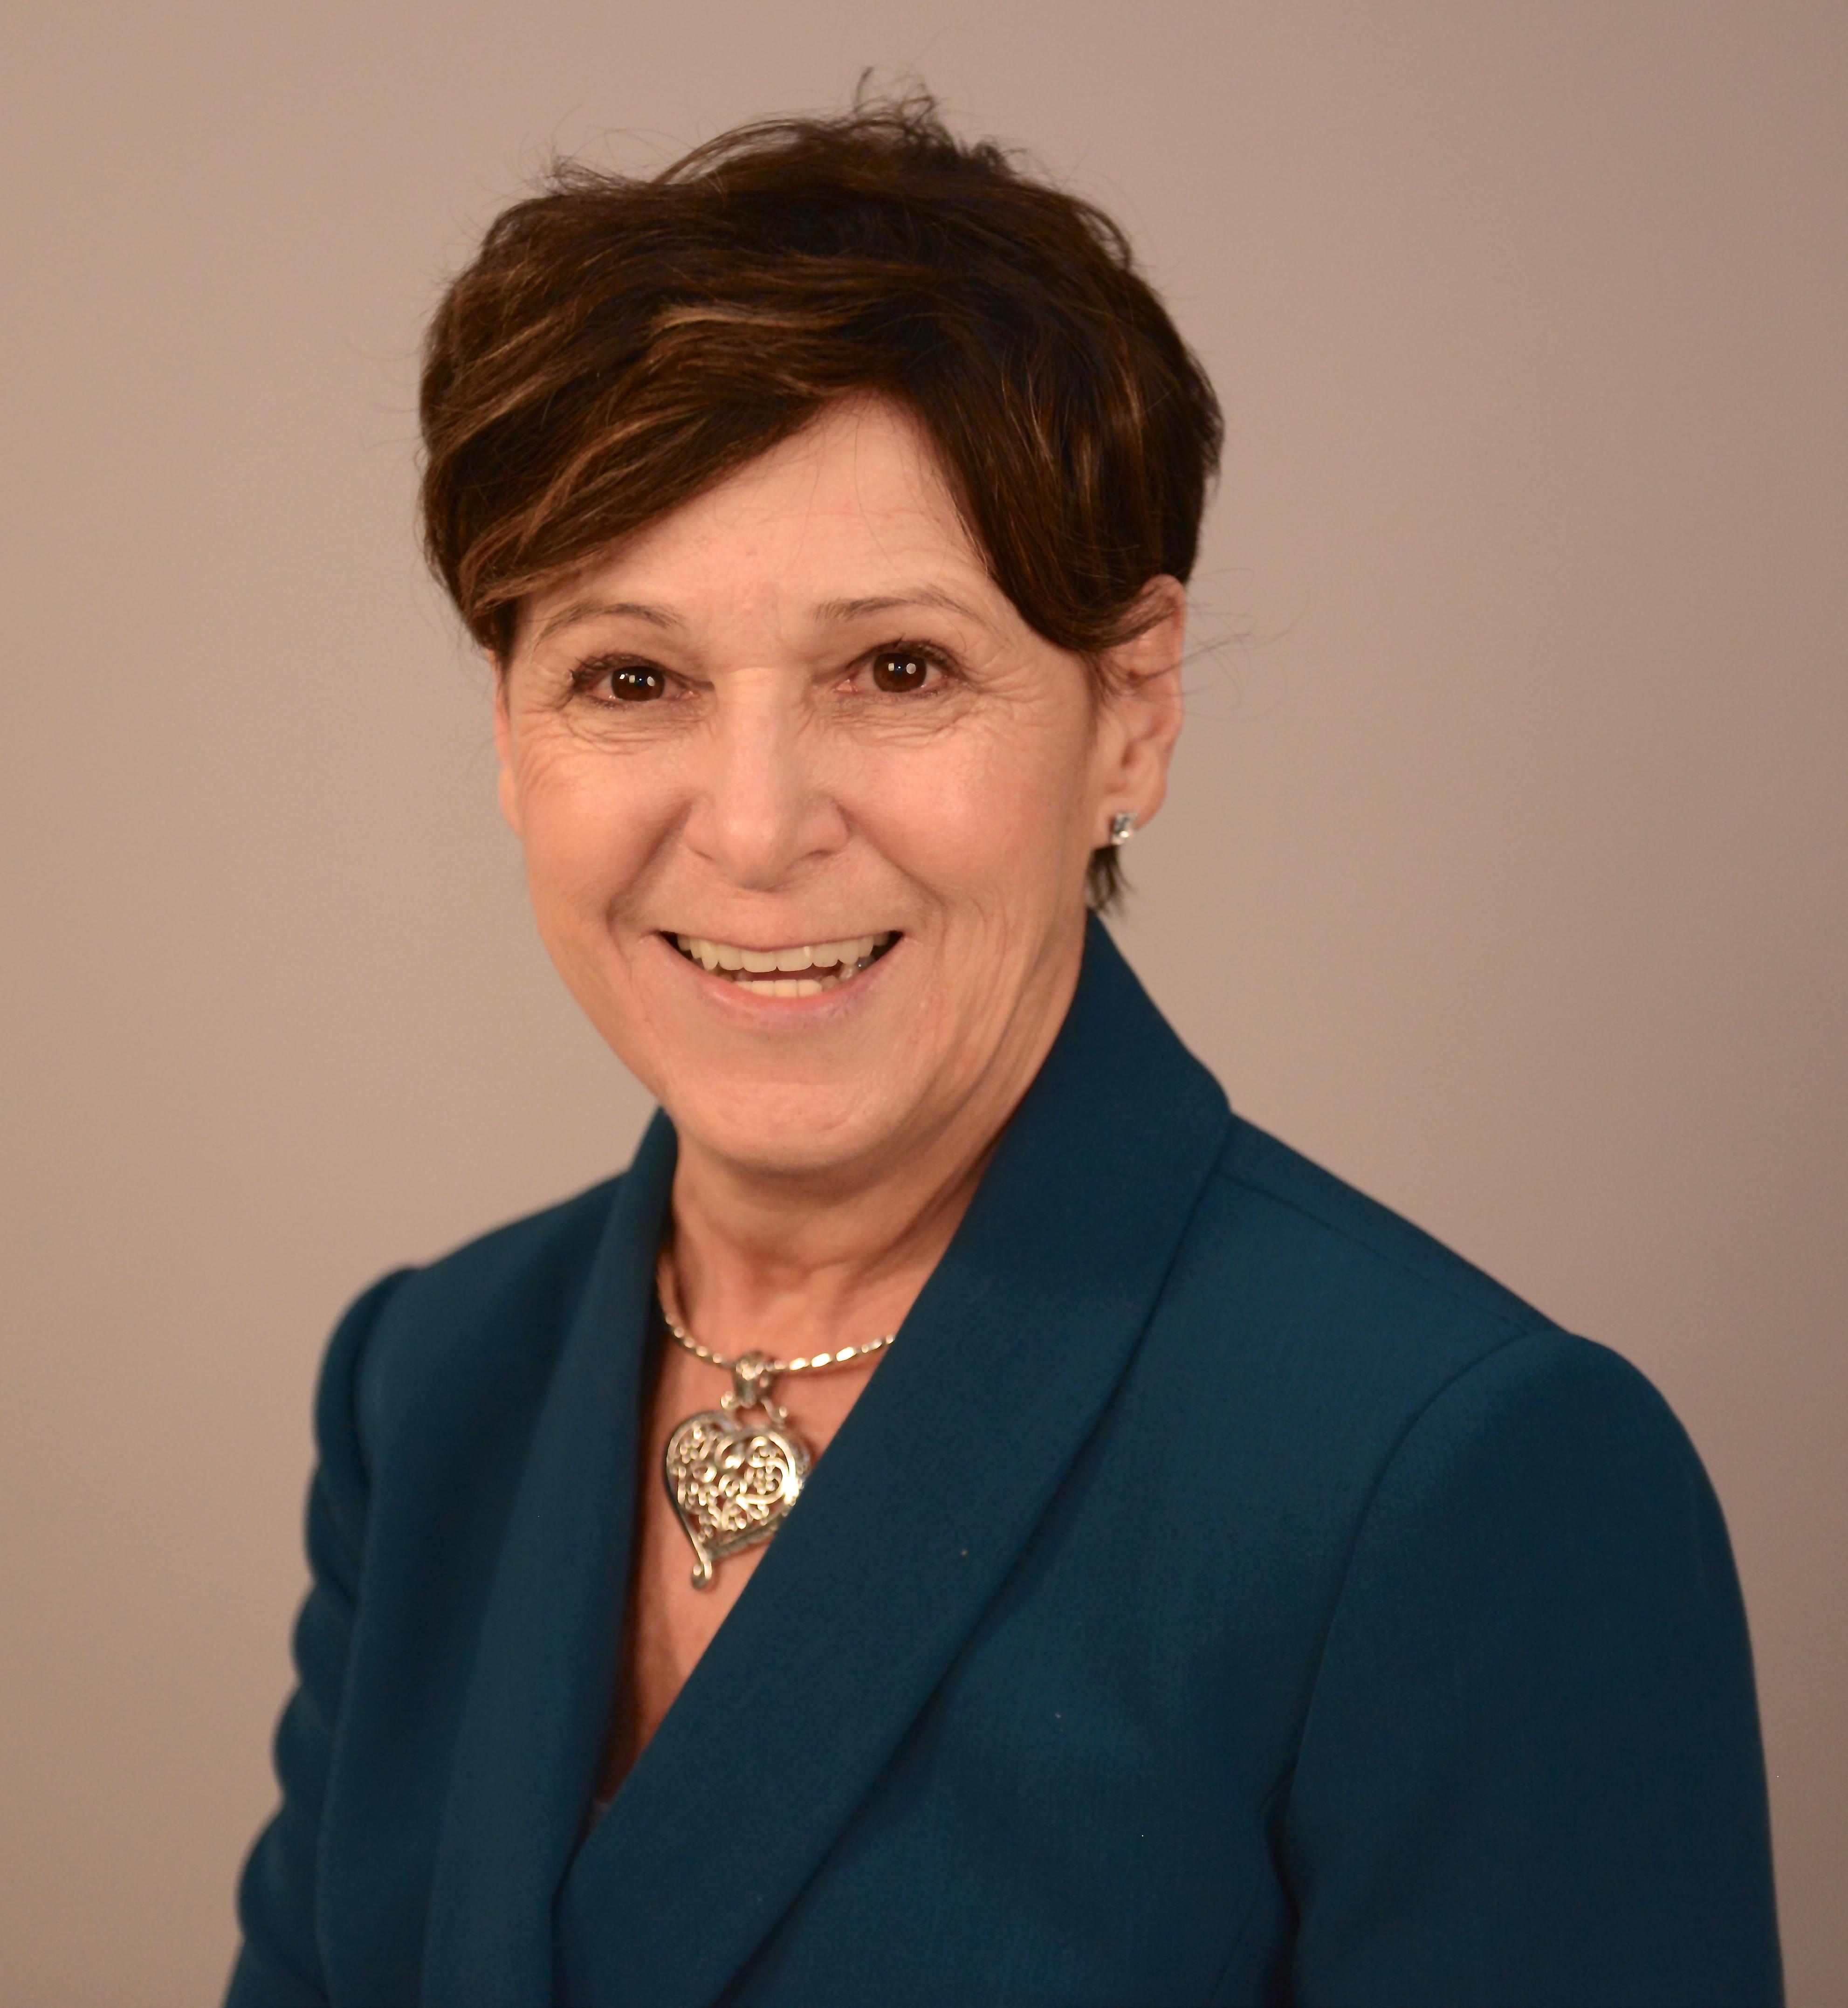 Linda Hulburt-Blosser